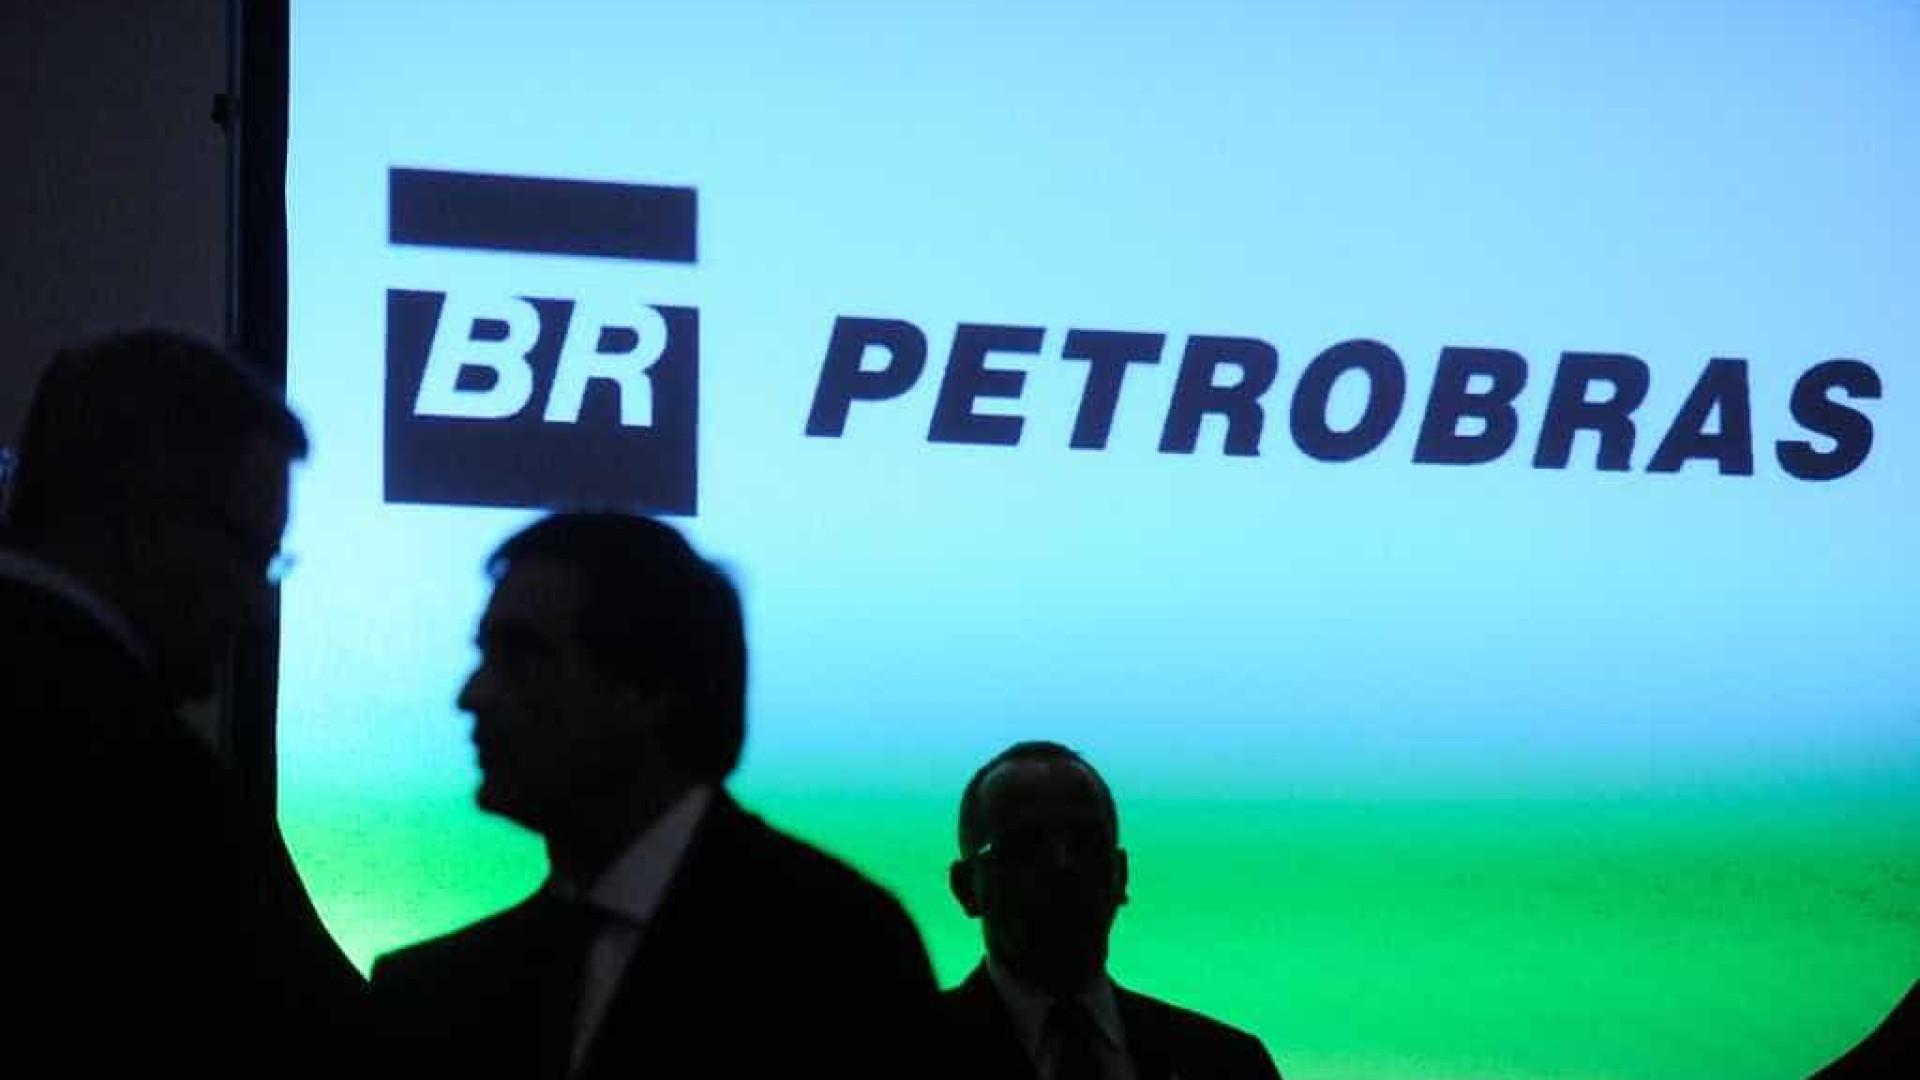 Fundos dos EUA dizem que fraude na Petrobras é 'incontestável'